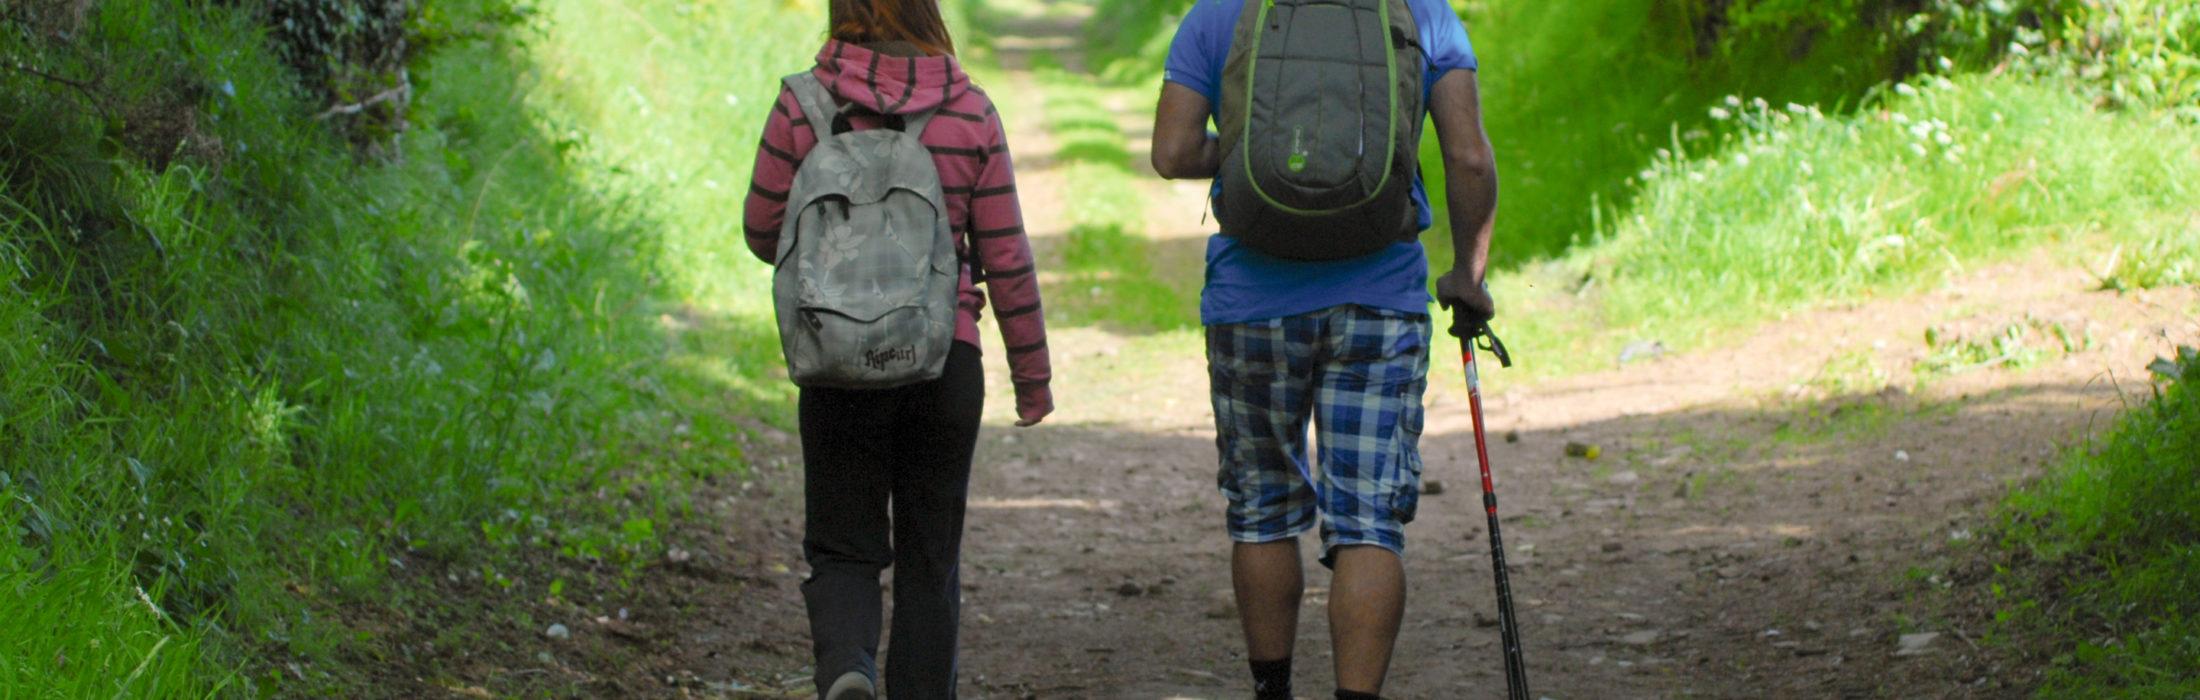 A petits pas ou à grandes enjambées, le Pays de Vire est une terre propice à la pratique de la randonnée pédestre et de la course d'orientation. 1